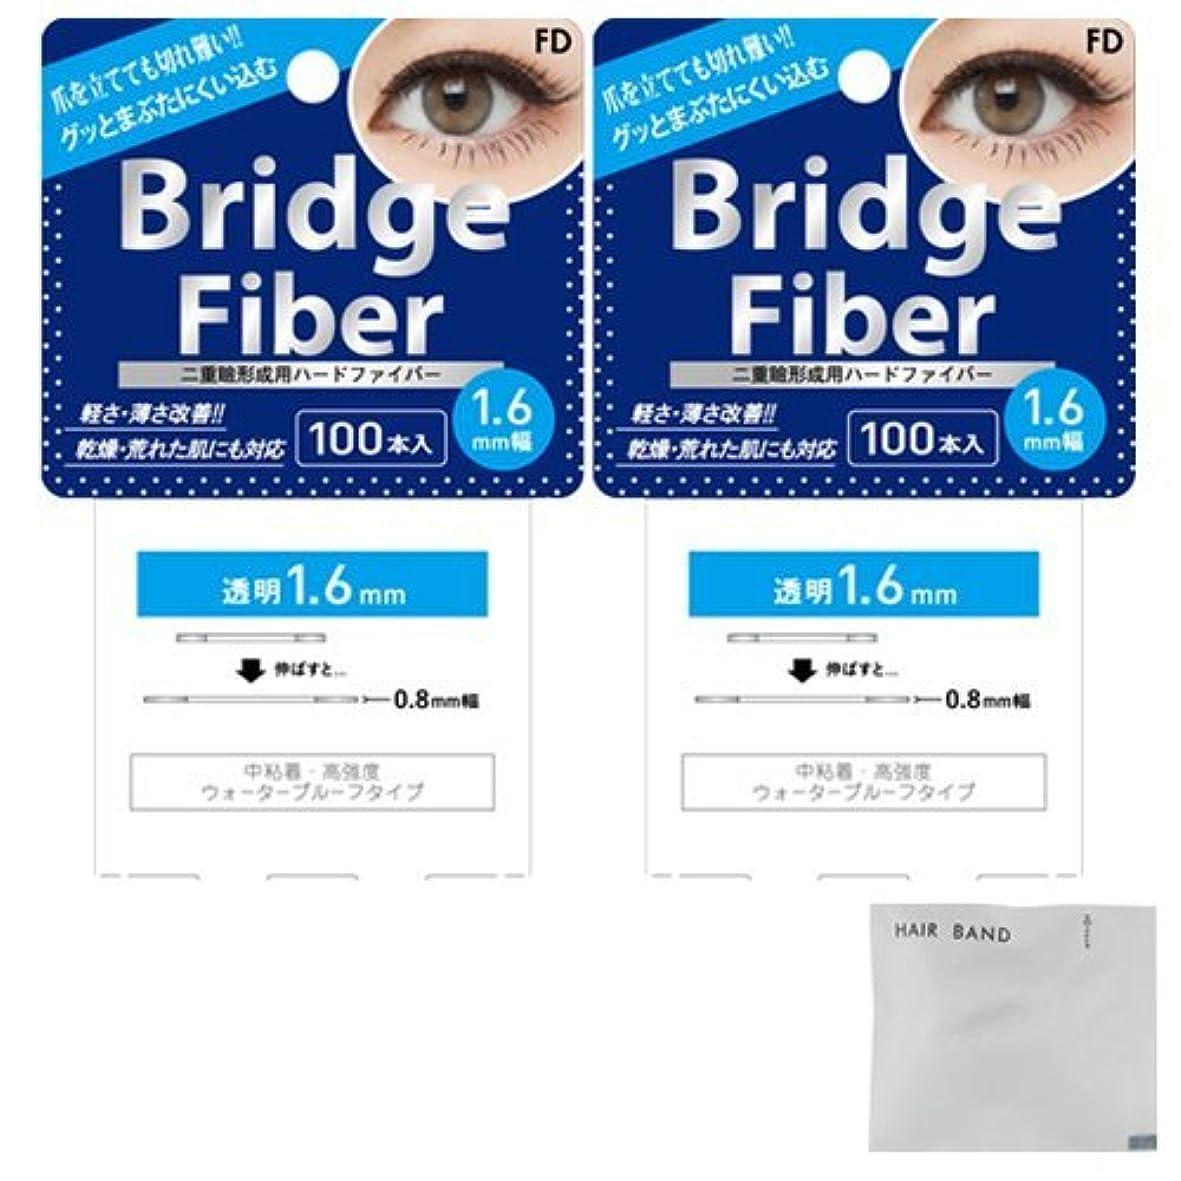 出席する童謡噂FD ブリッジファイバーⅡ (Bridge Fiber) クリア1.6mm×2個 + ヘアゴム(カラーはおまかせ)セット